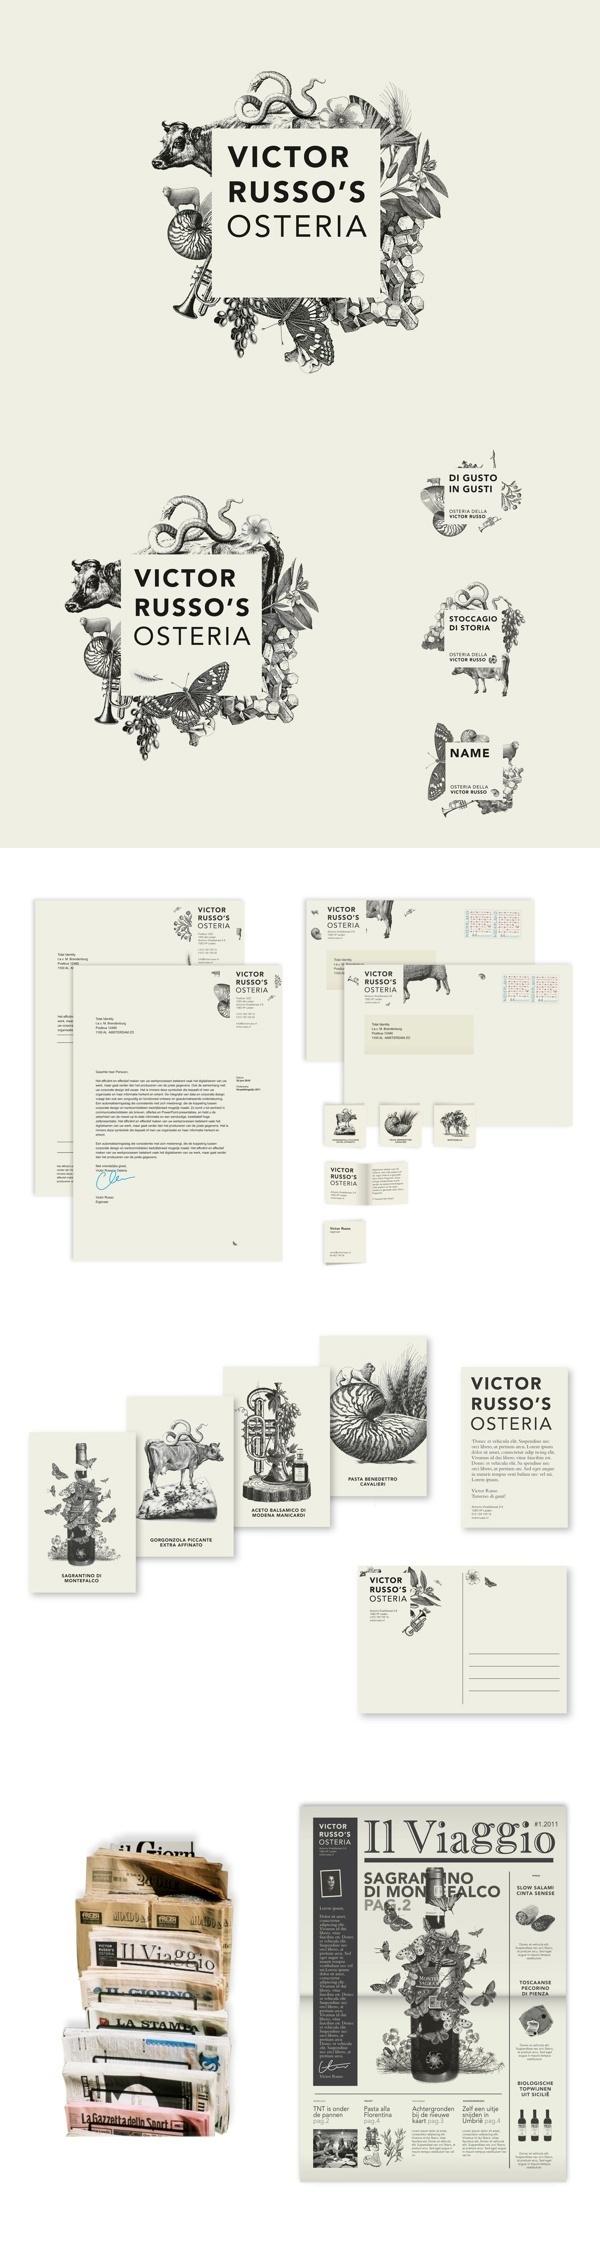 Victor Russo's Osteria #brand #identity